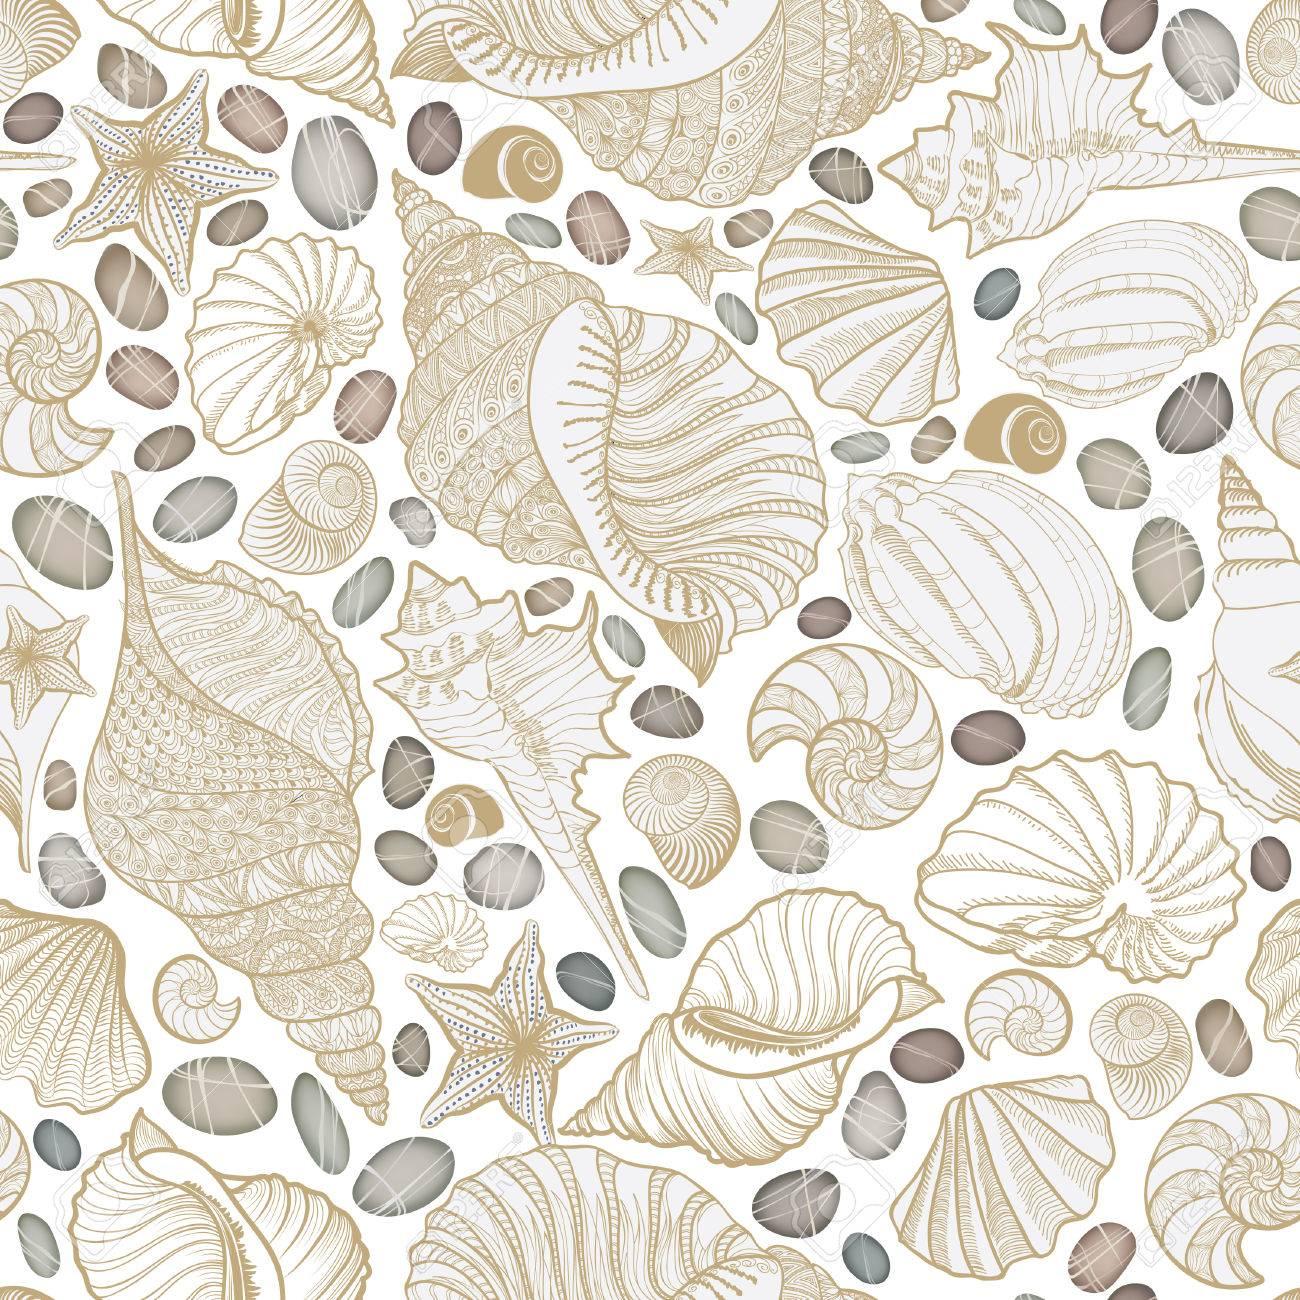 貝殻のシームレスなパターン 夏の休日の海洋背景 水中観賞用テクスチャ 海の貝 海の星砂とスケッチの壁紙です のイラスト素材 ベクタ Image 7415